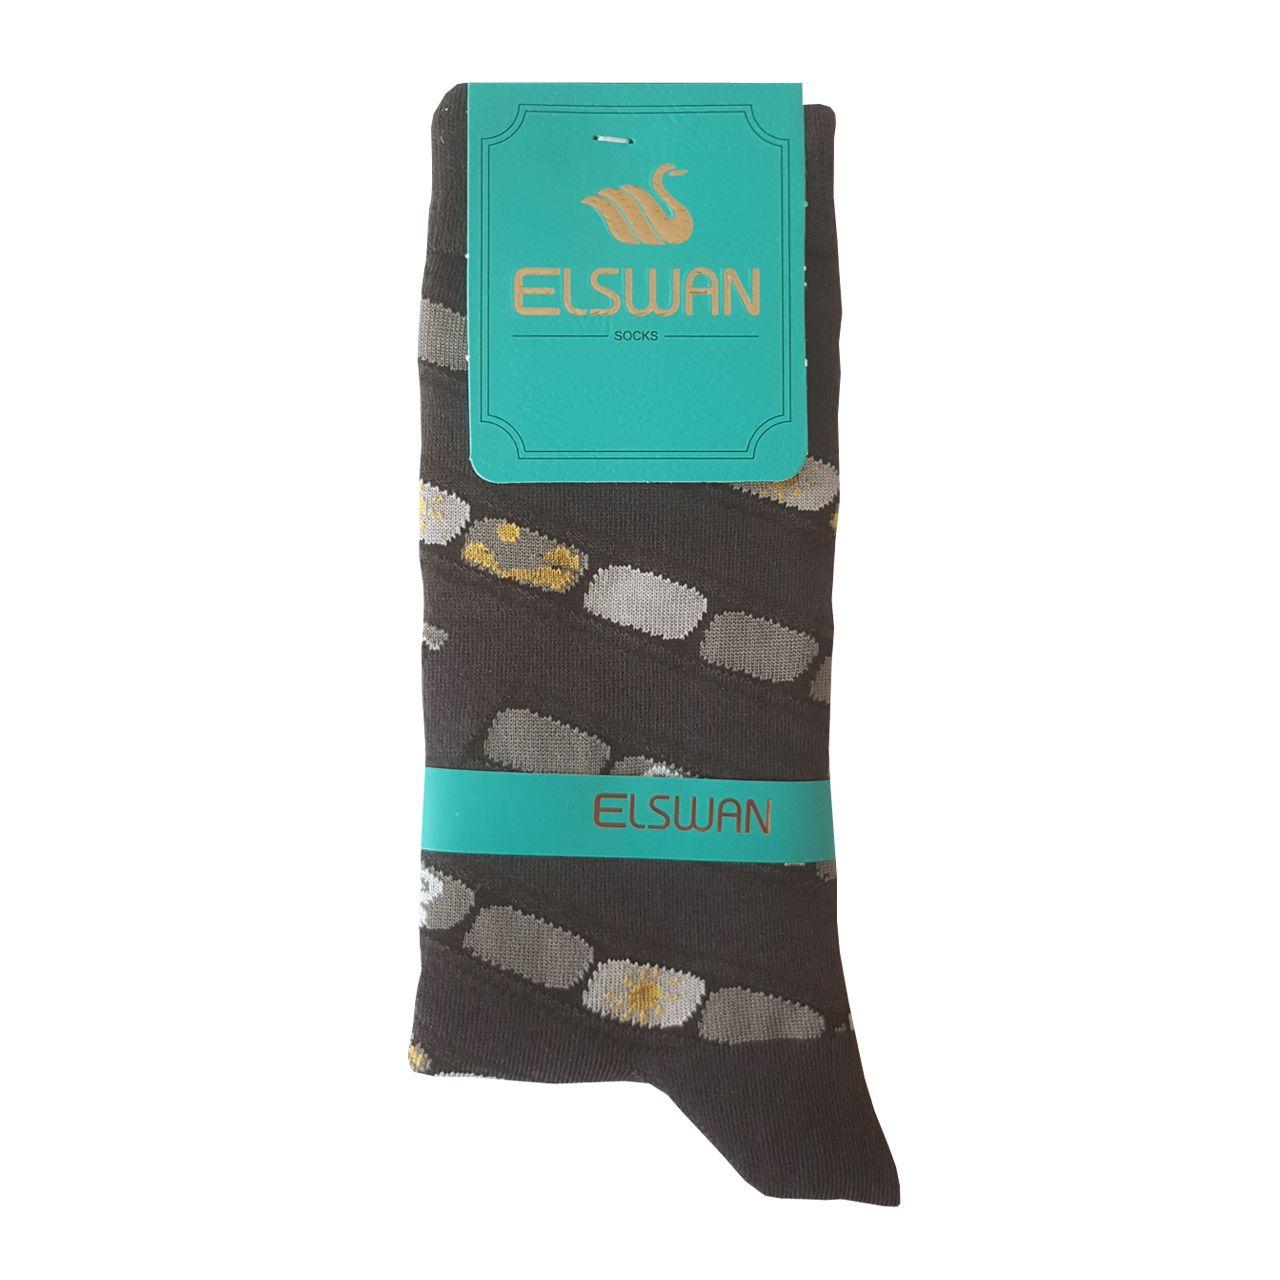 جوراب زنانه ال سون طرح دوربین کد PH415 -  - 5